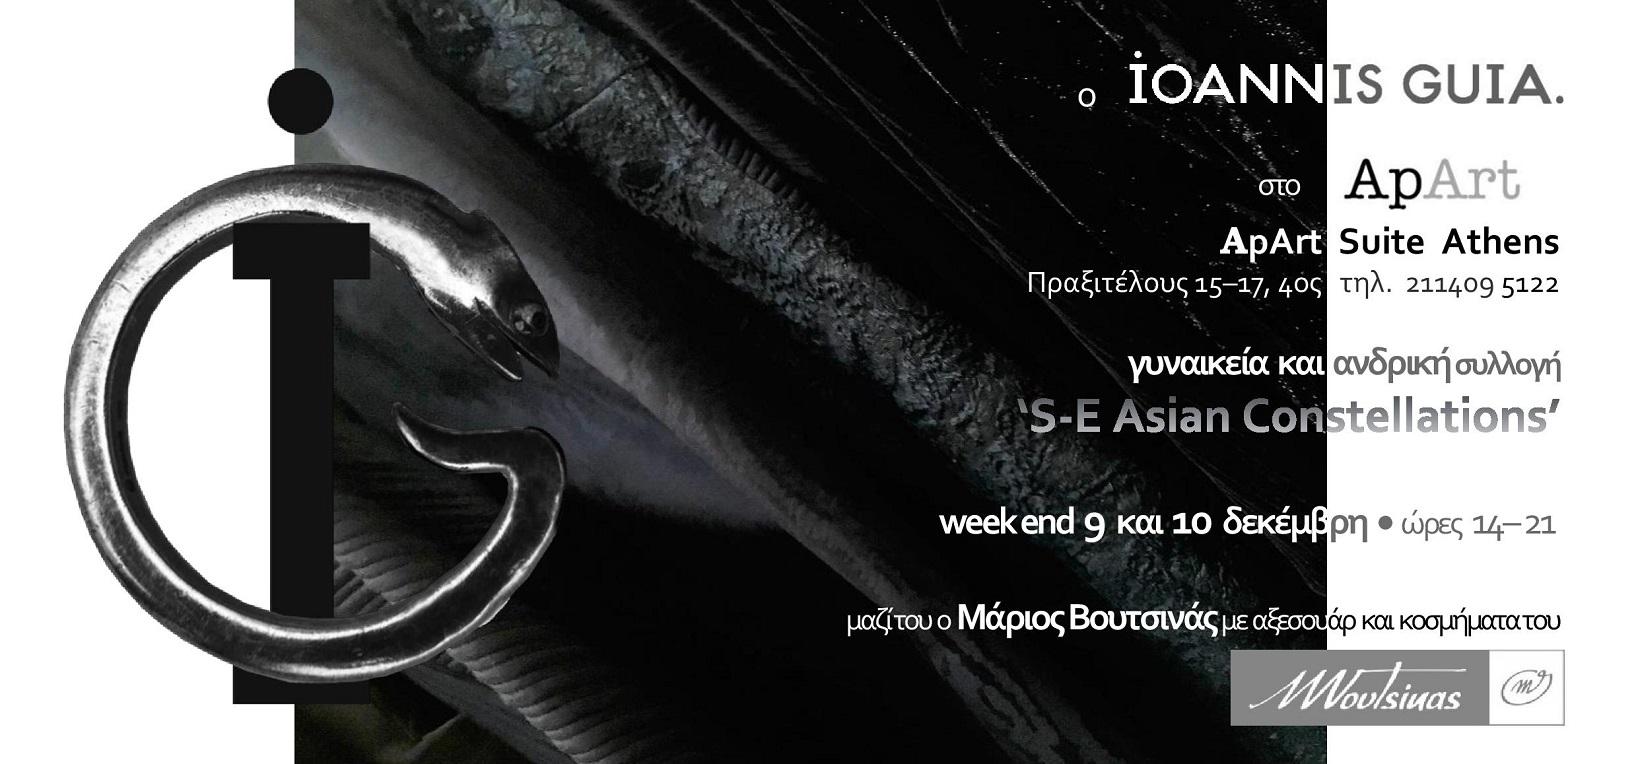 πρόσκληση Ioannis Guia 9-10 δεκέμβρη